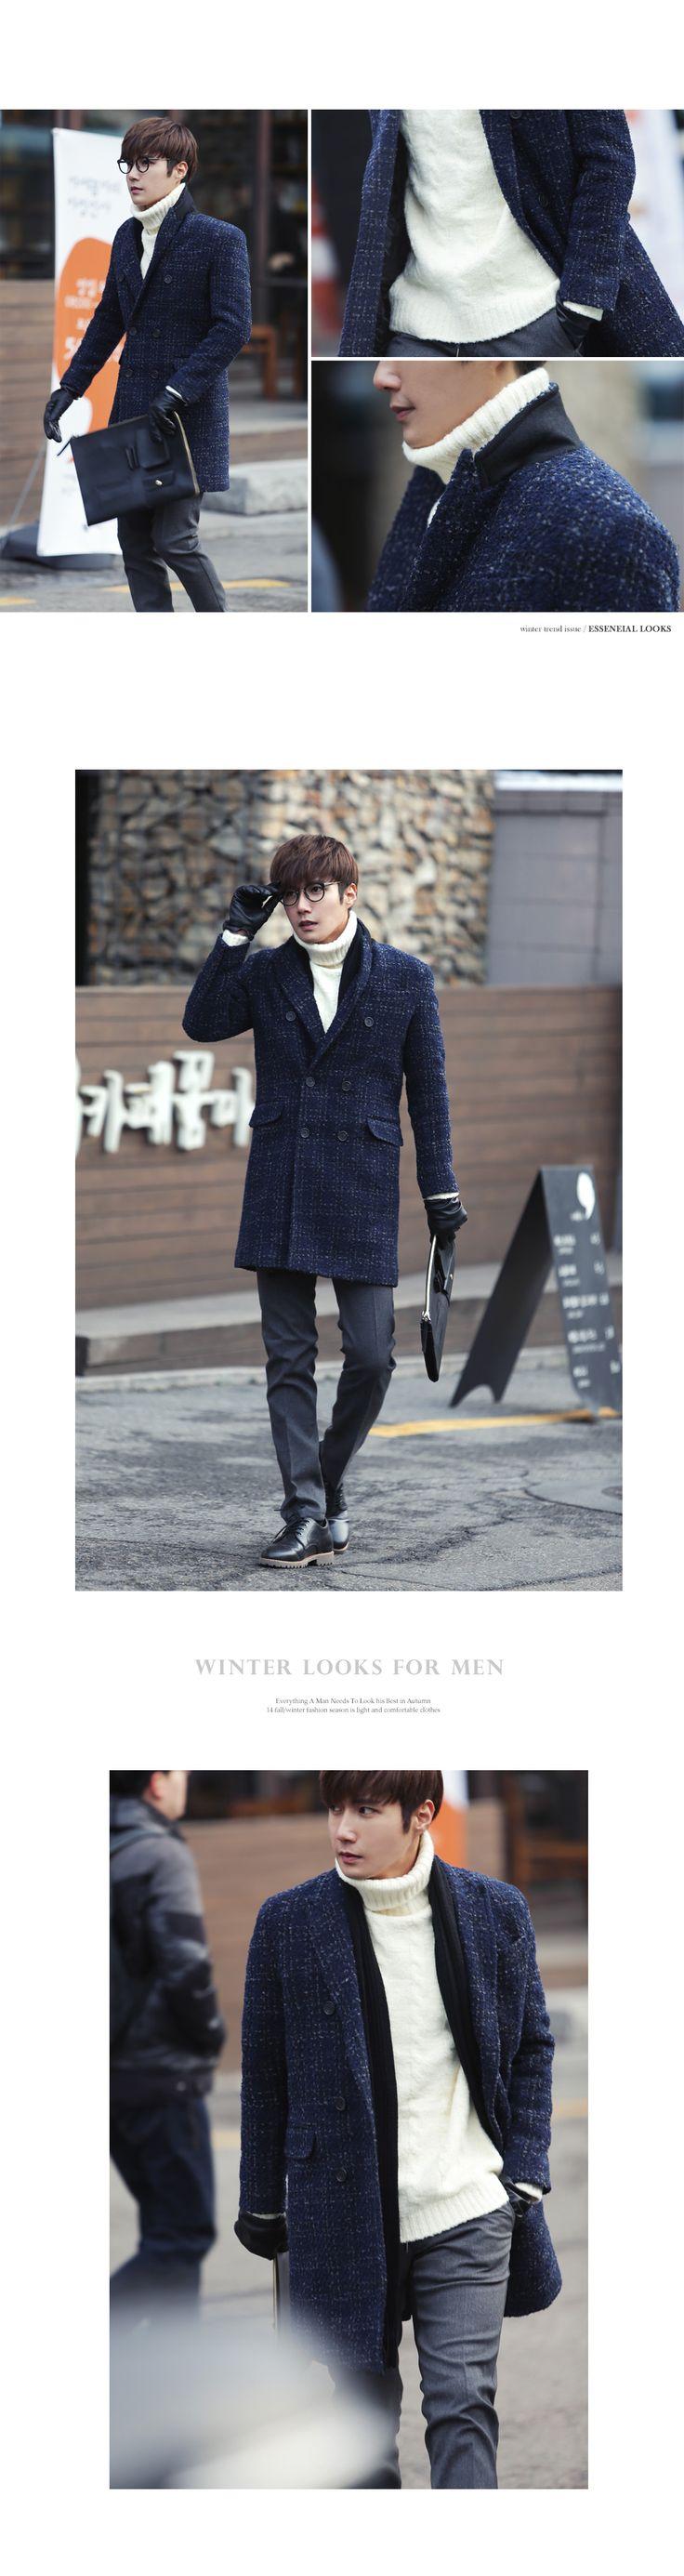 ネイビーカラーツイードダブルコート・全1色アウターコート通販   メンズファッション 通販サイト【ディーホリックメンズ DHOLIC MEN'S】